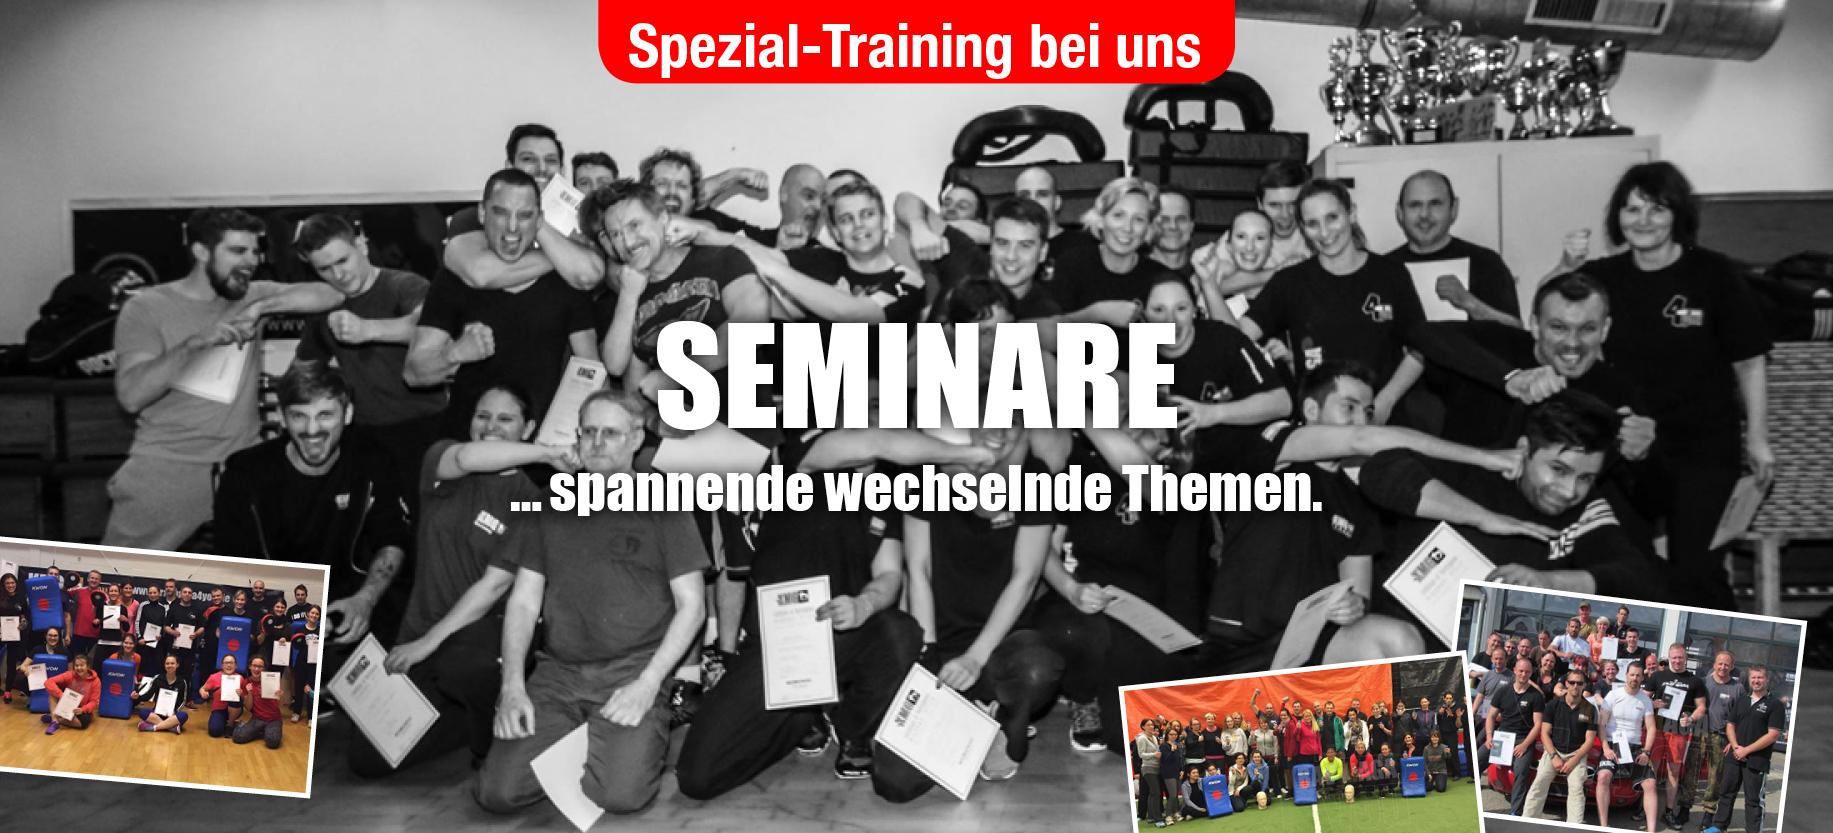 spezial-training_Seminare